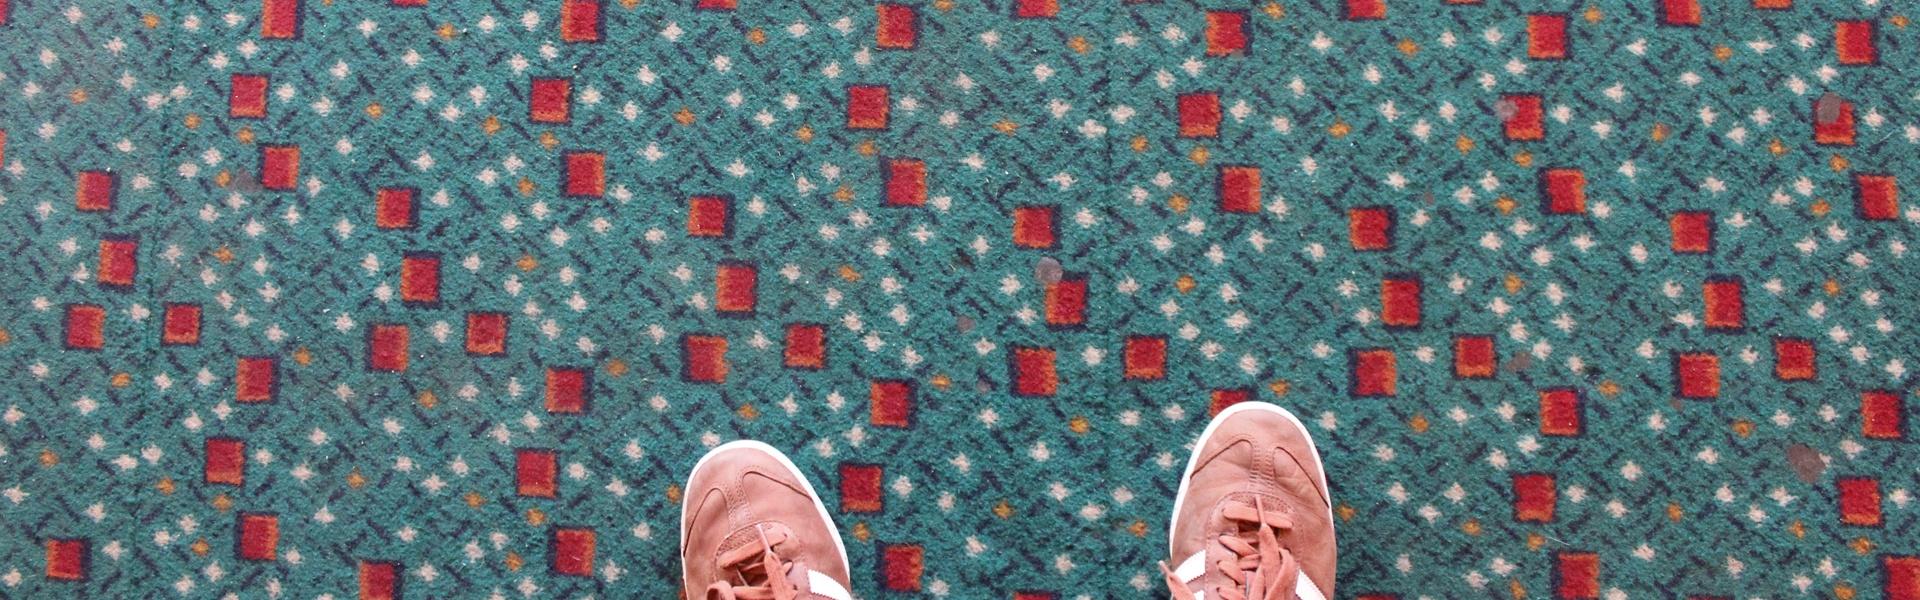 Knee Kicker Carpet Images Seam Repair